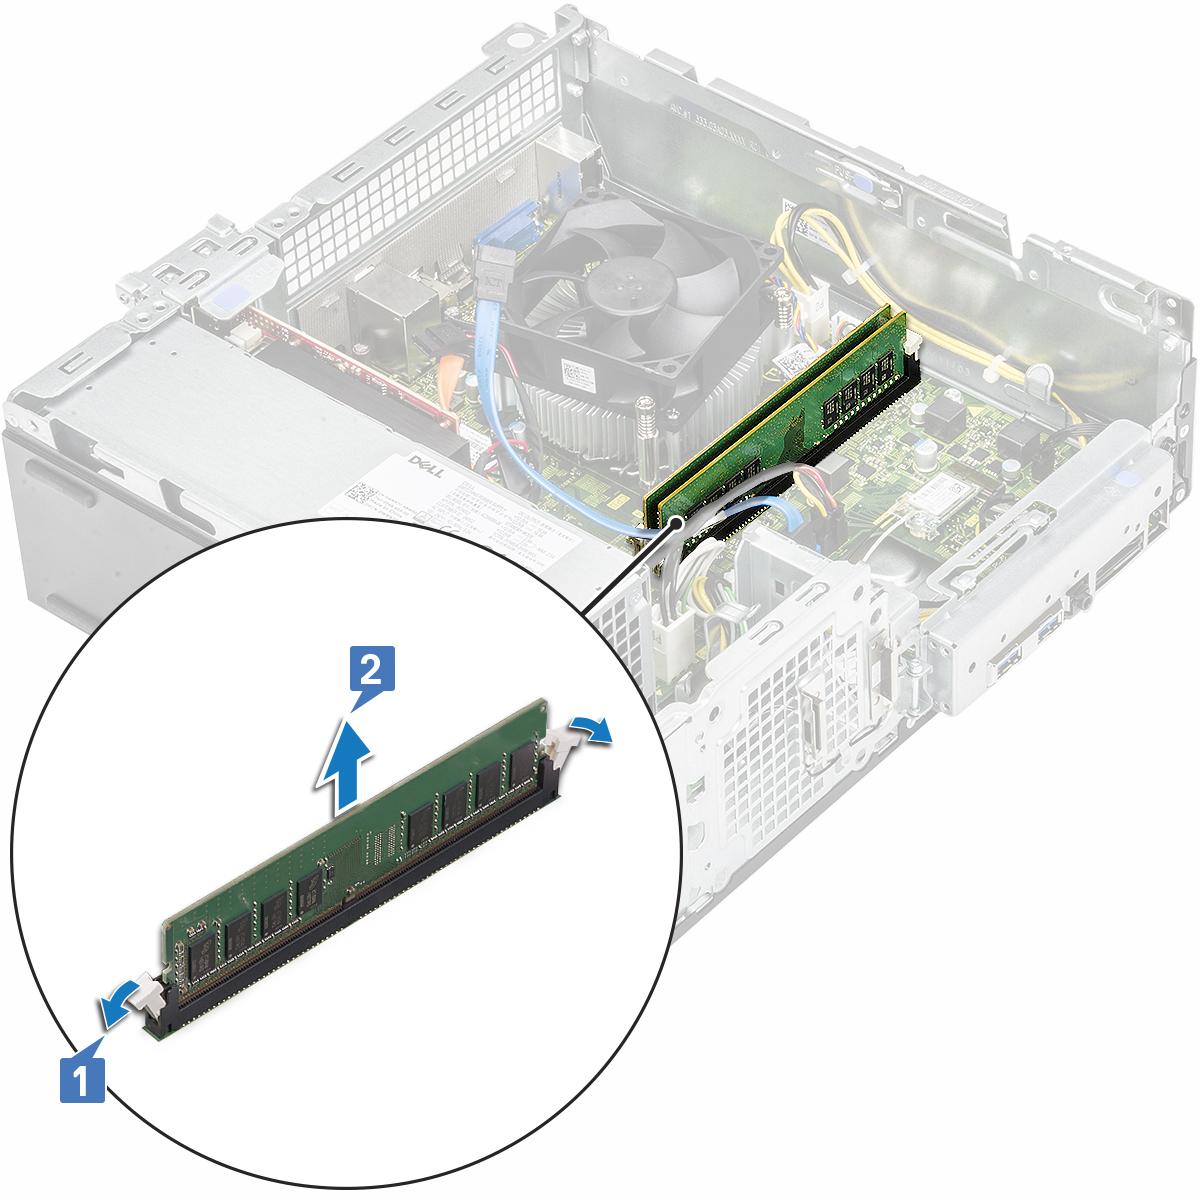 Gambar yang menampilkan pelepasan modul memori